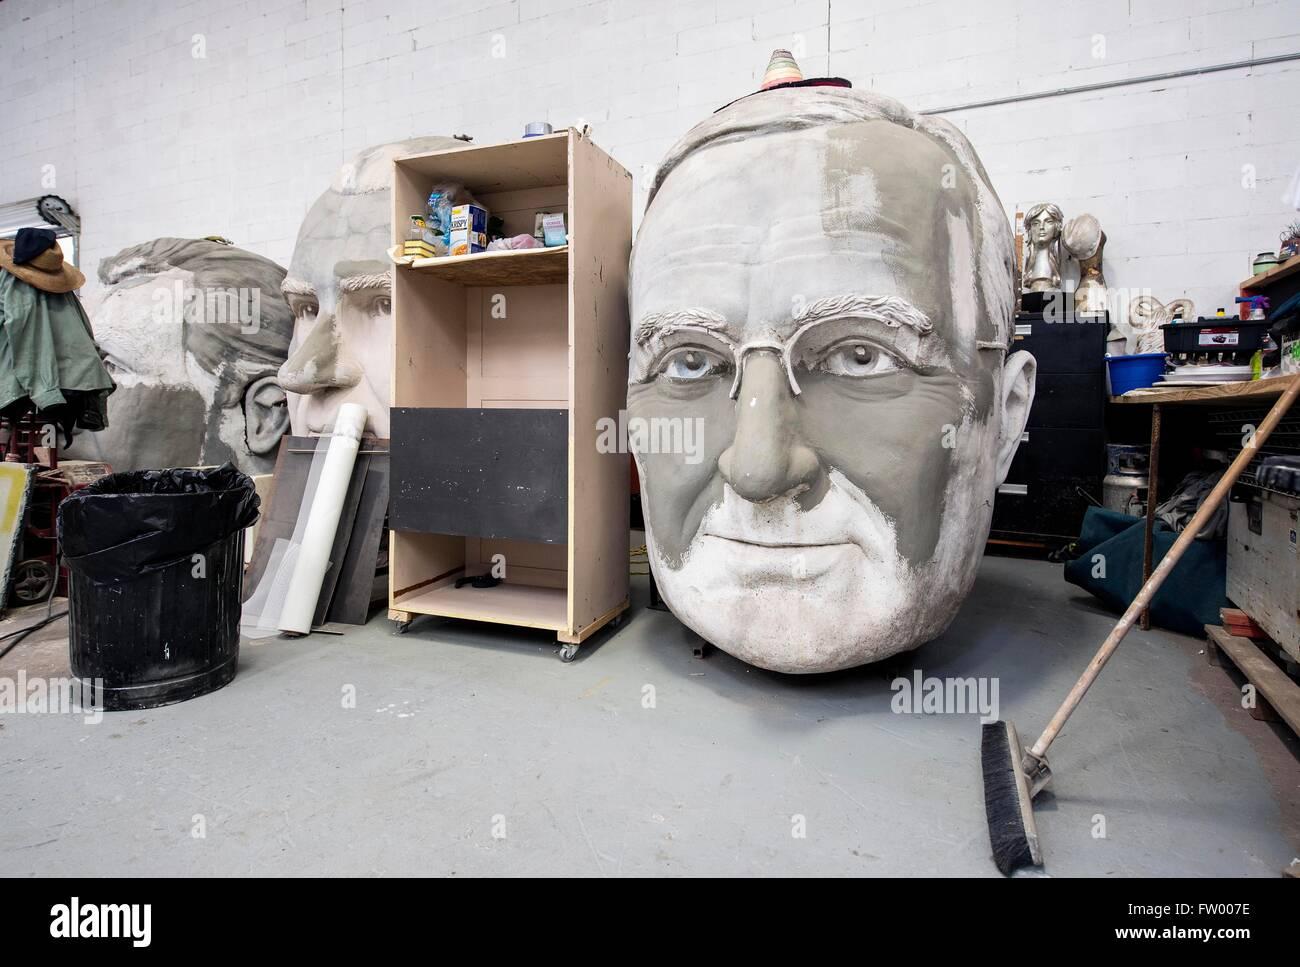 Houston, Texas, EE.UU. 30 Mar, 2016. Los jefes presidencial por el escultor David Adickes se almacenan en la Adickes Sculpturworx Studio hasta un momento en el que se encuentra un hogar permanente para ellos. Crédito: Brian Cahn/Zuma alambre/Alamy Live News Foto de stock